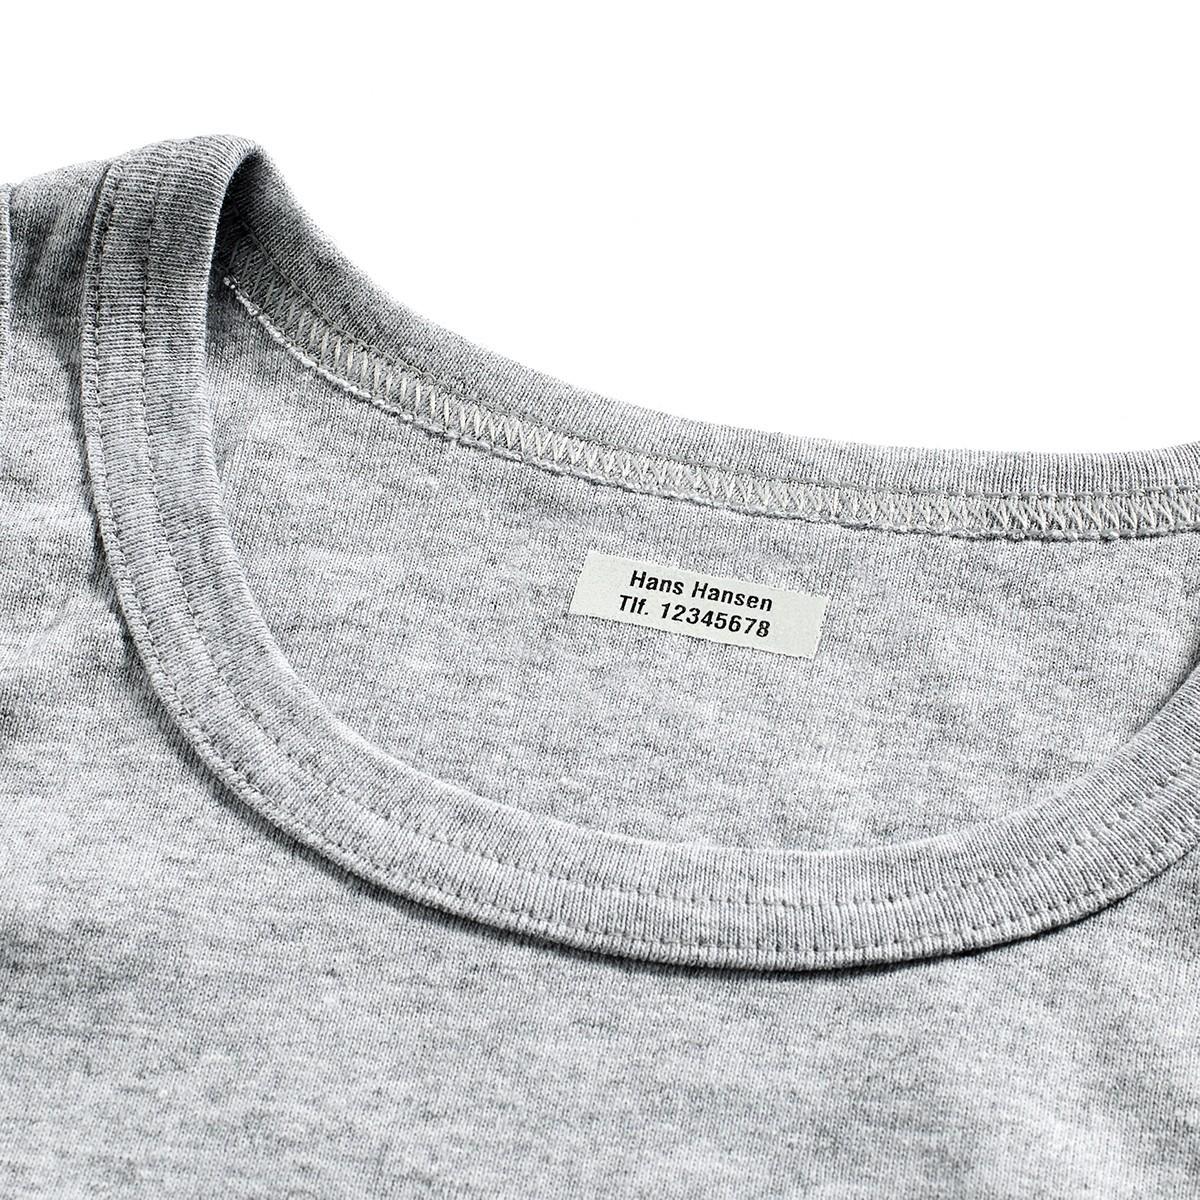 Strygemærker - Køb strygemærker til tøj hos Ikast Etiket